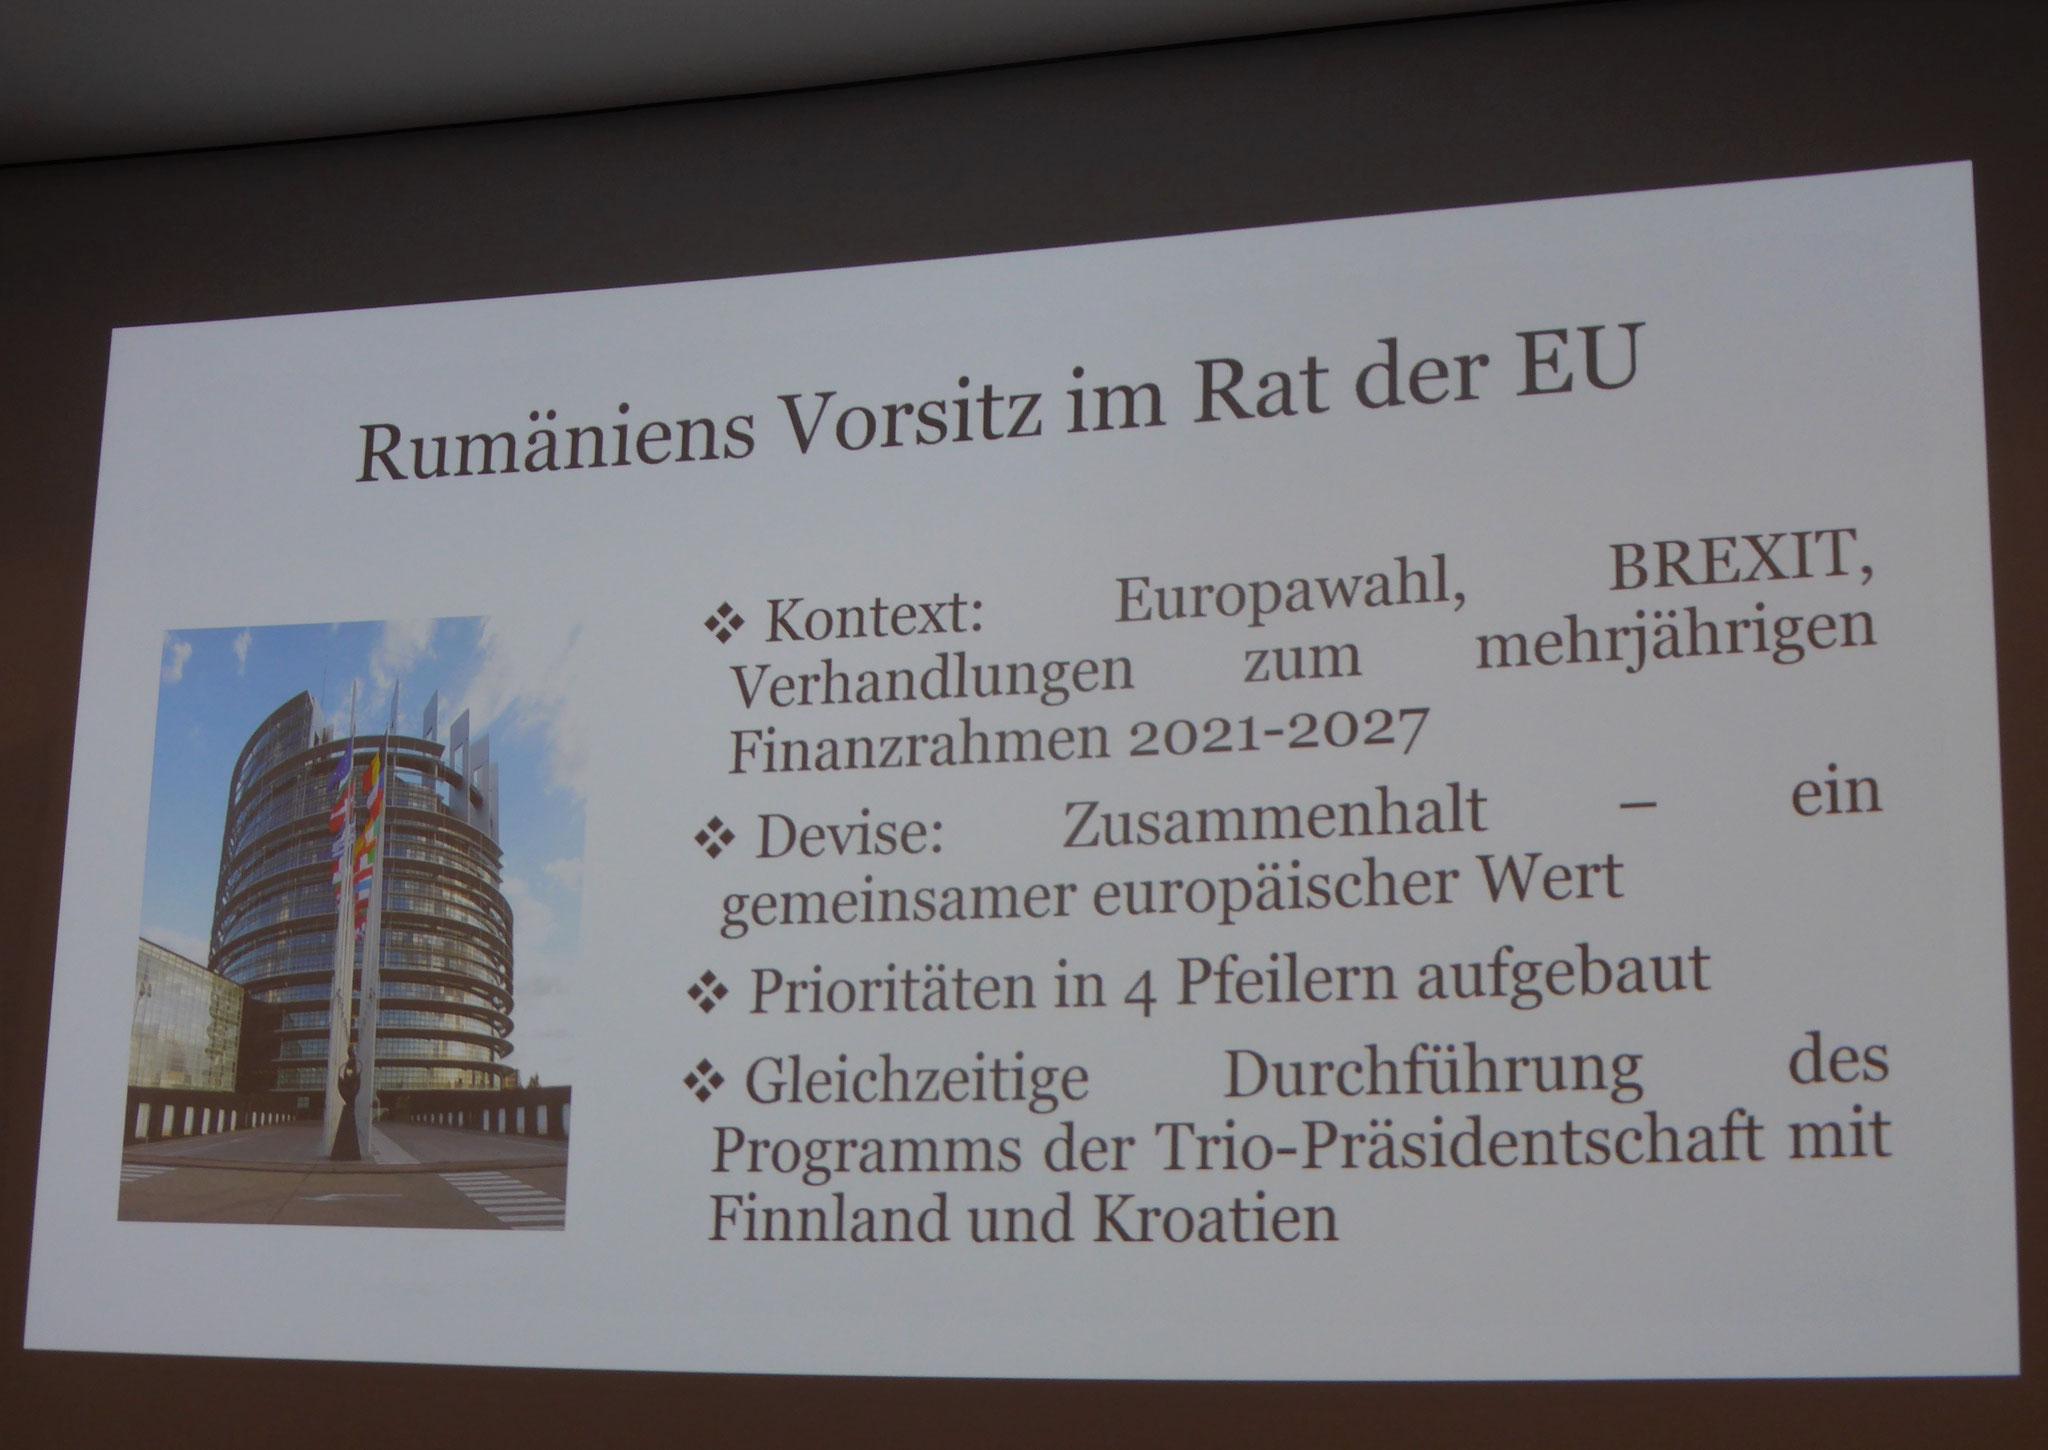 Ziele der rumänischen Ratspräsidentschaft